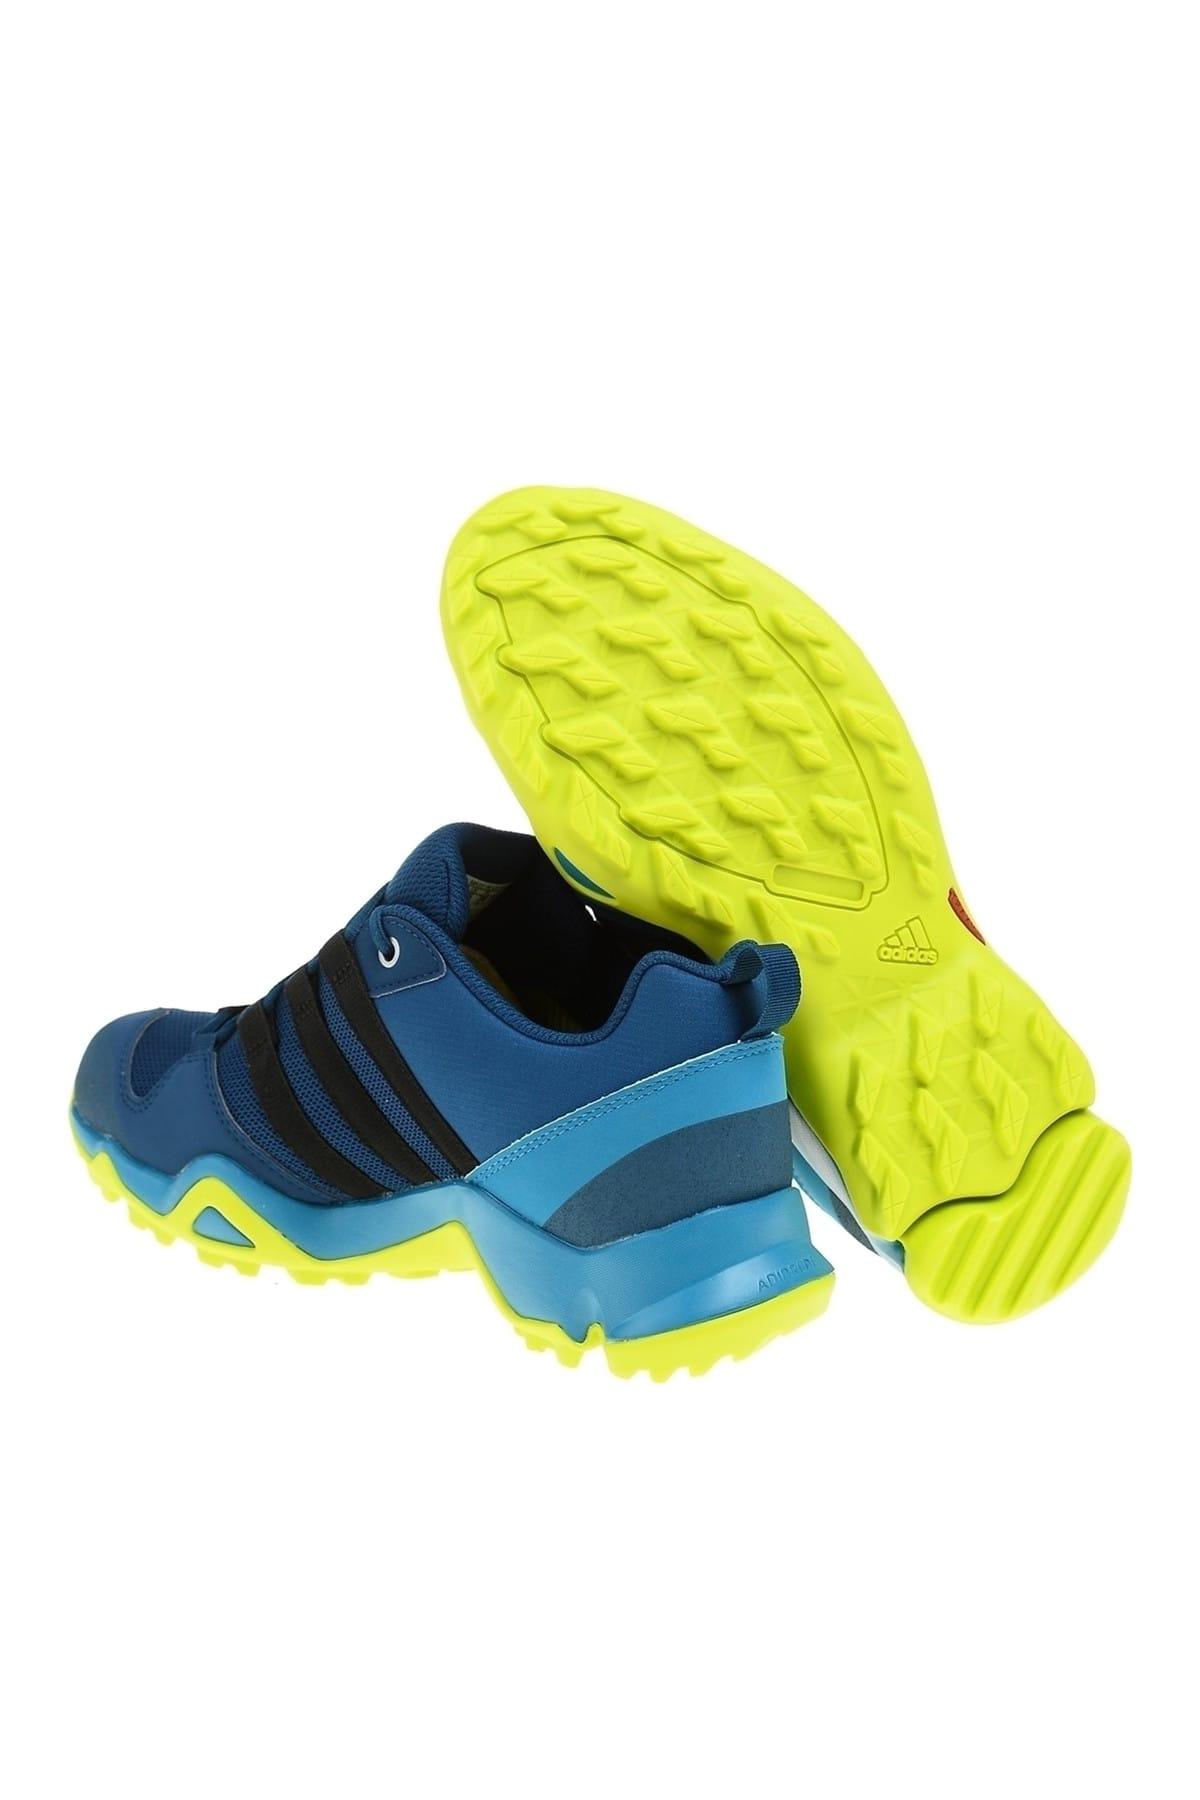 adidas Çocuk Günlük Ayakkabı By1608 Terrex Ax2R Cp K 2